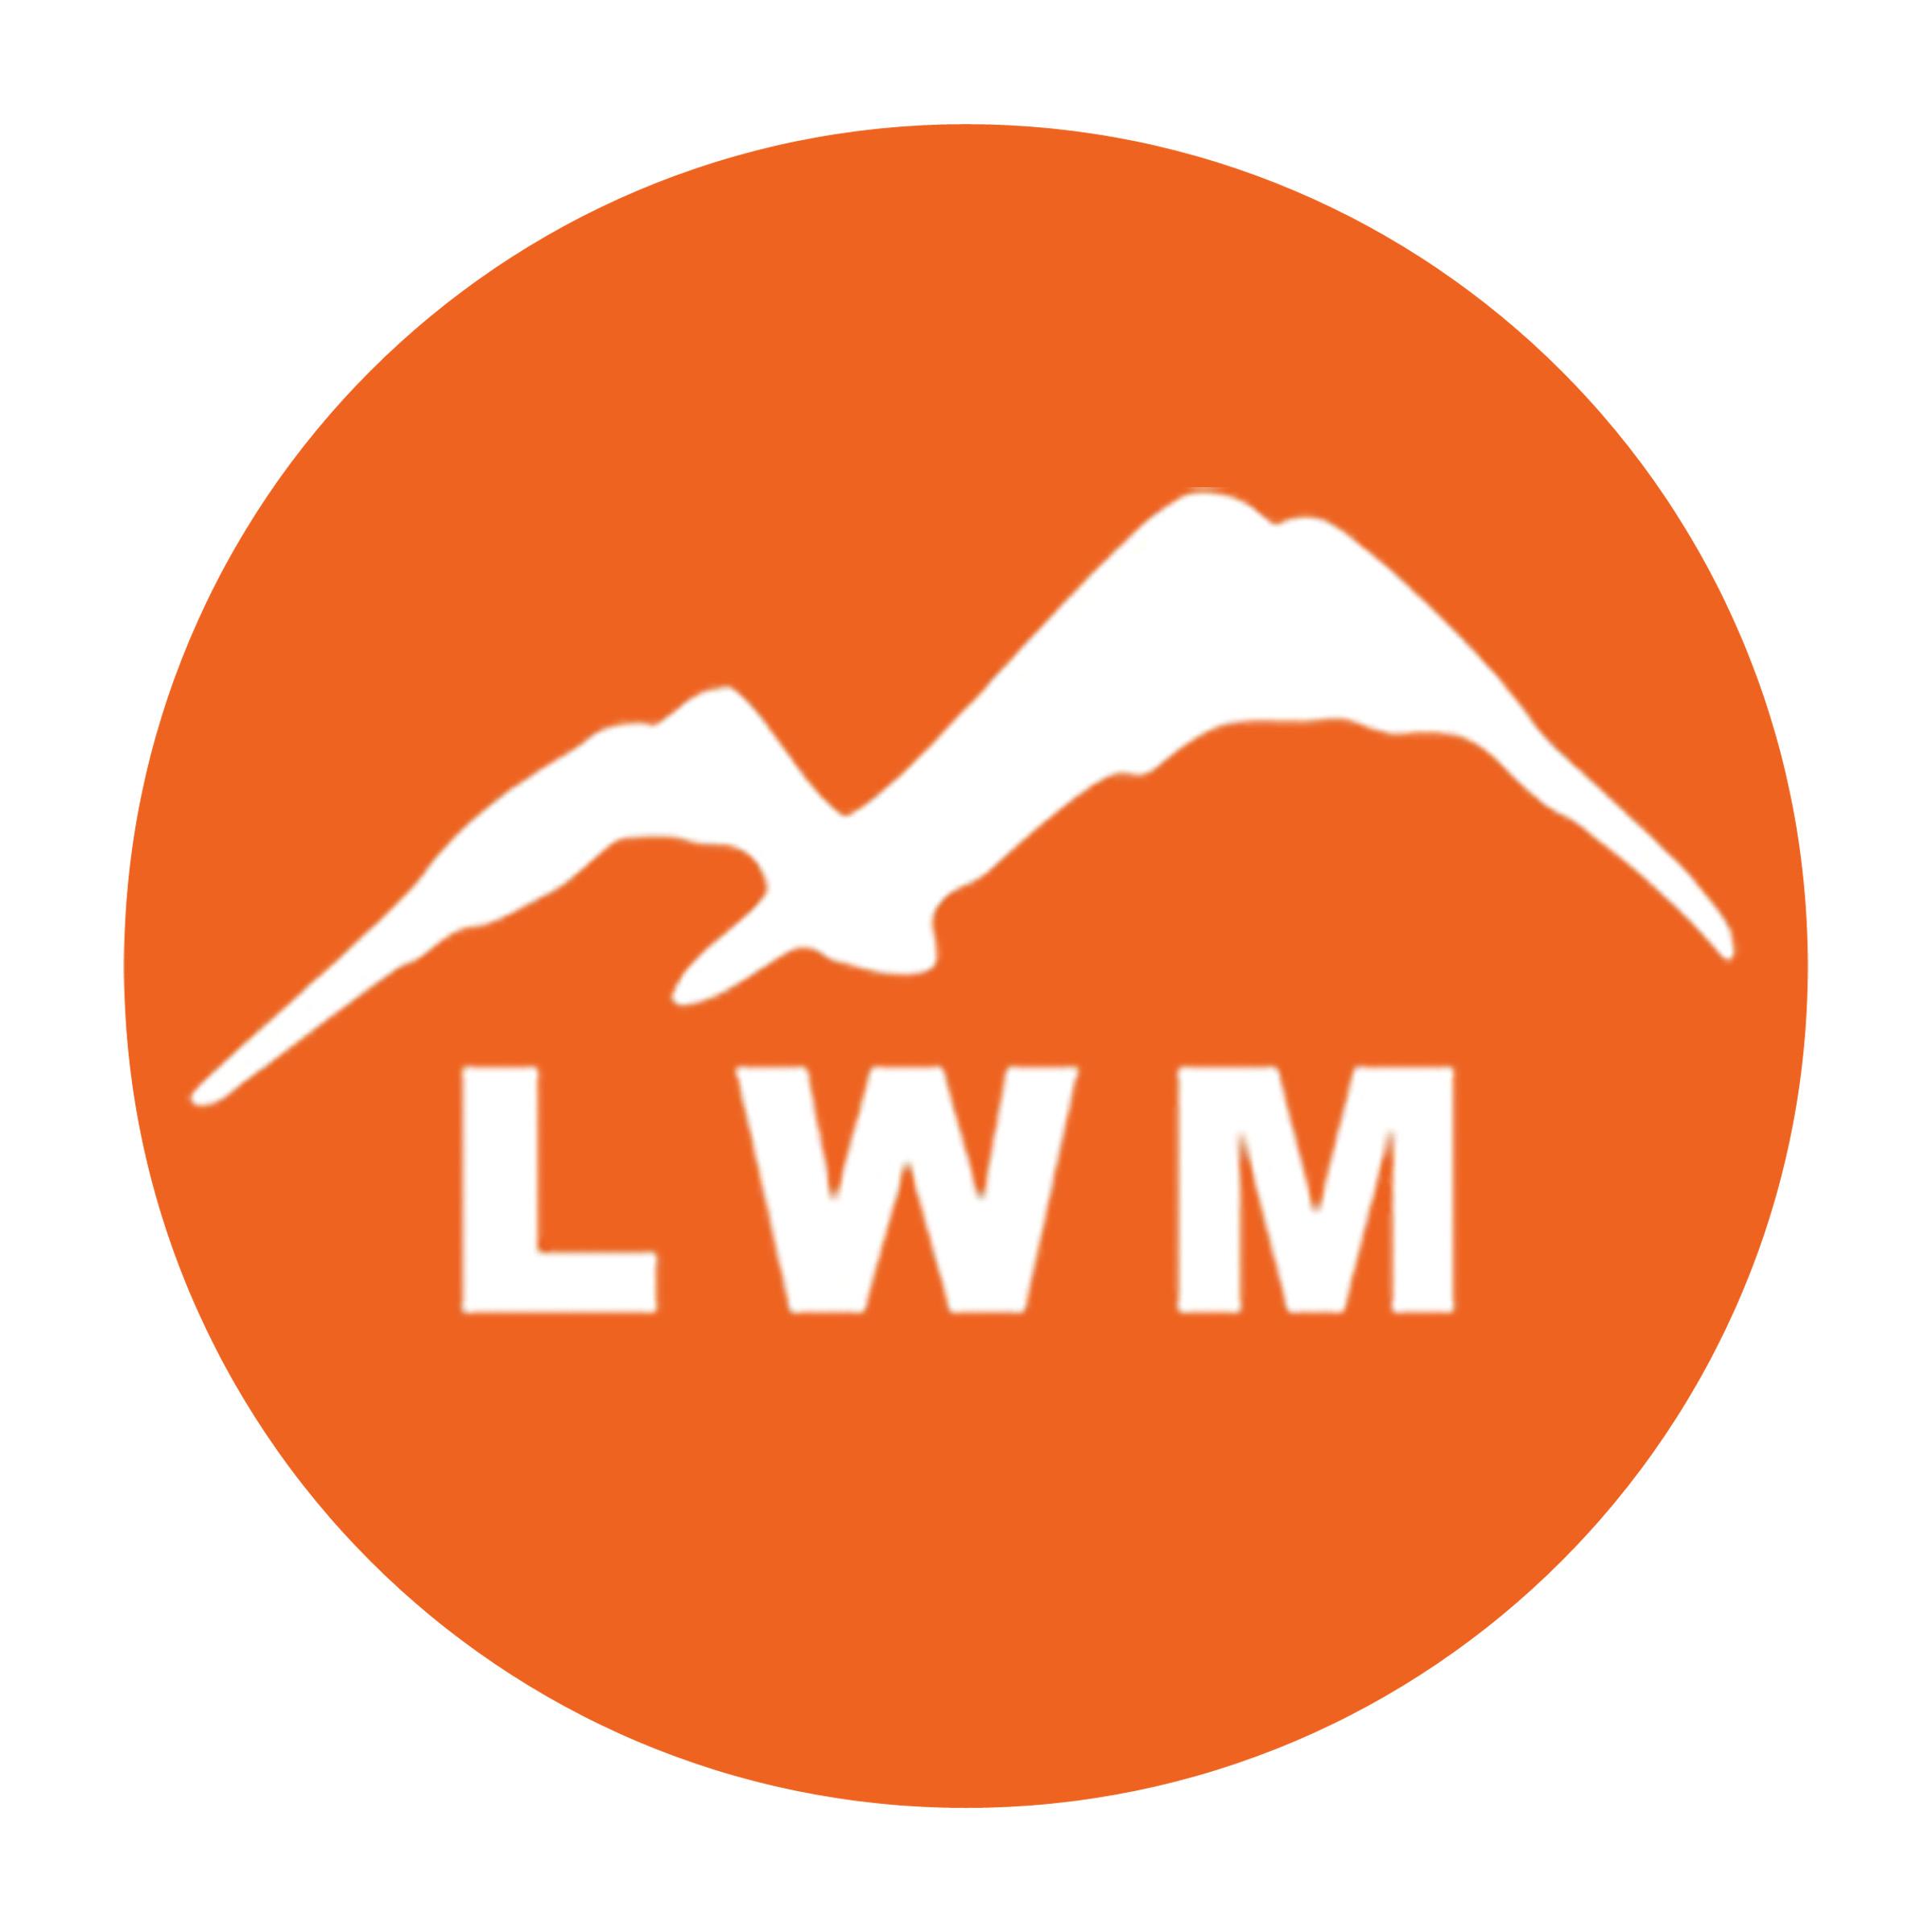 LWM HEADER LOGO.jpg